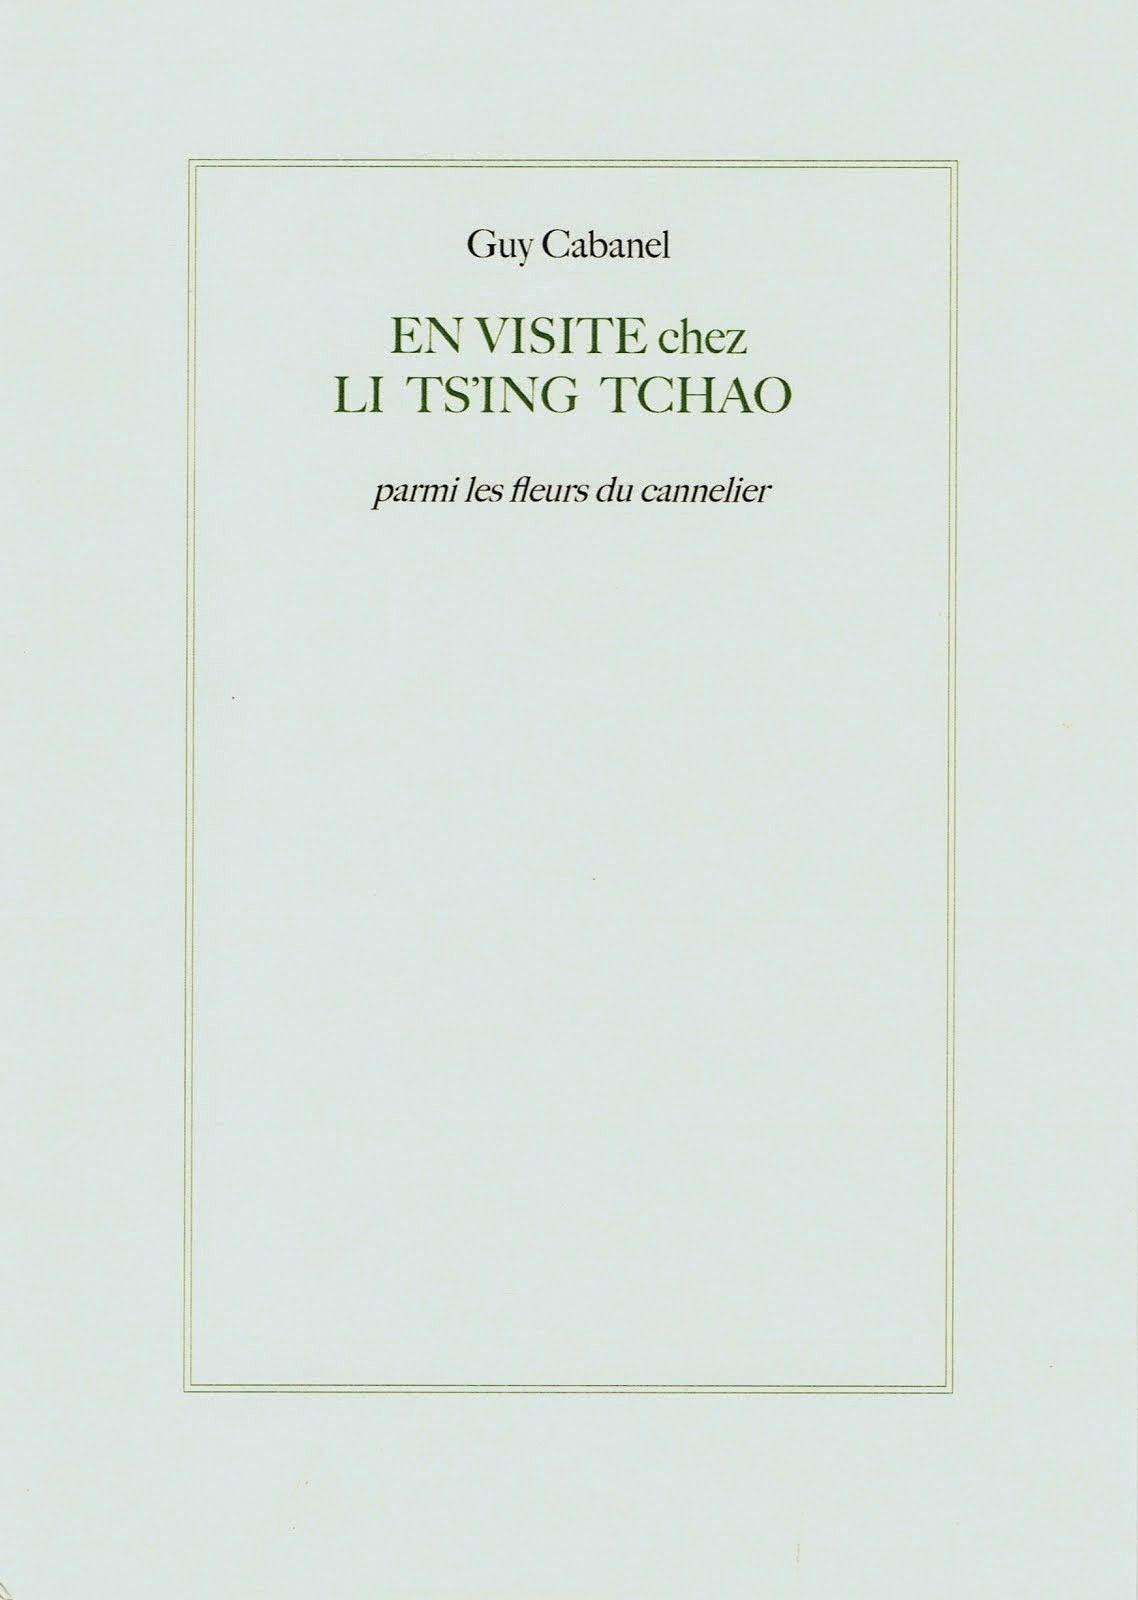 Guy CABANEL, EN VISITE CHEZ LI TS'ING TCHAO parmi les fleurs du cannelier, COLLECTION L'UMBO, 2014